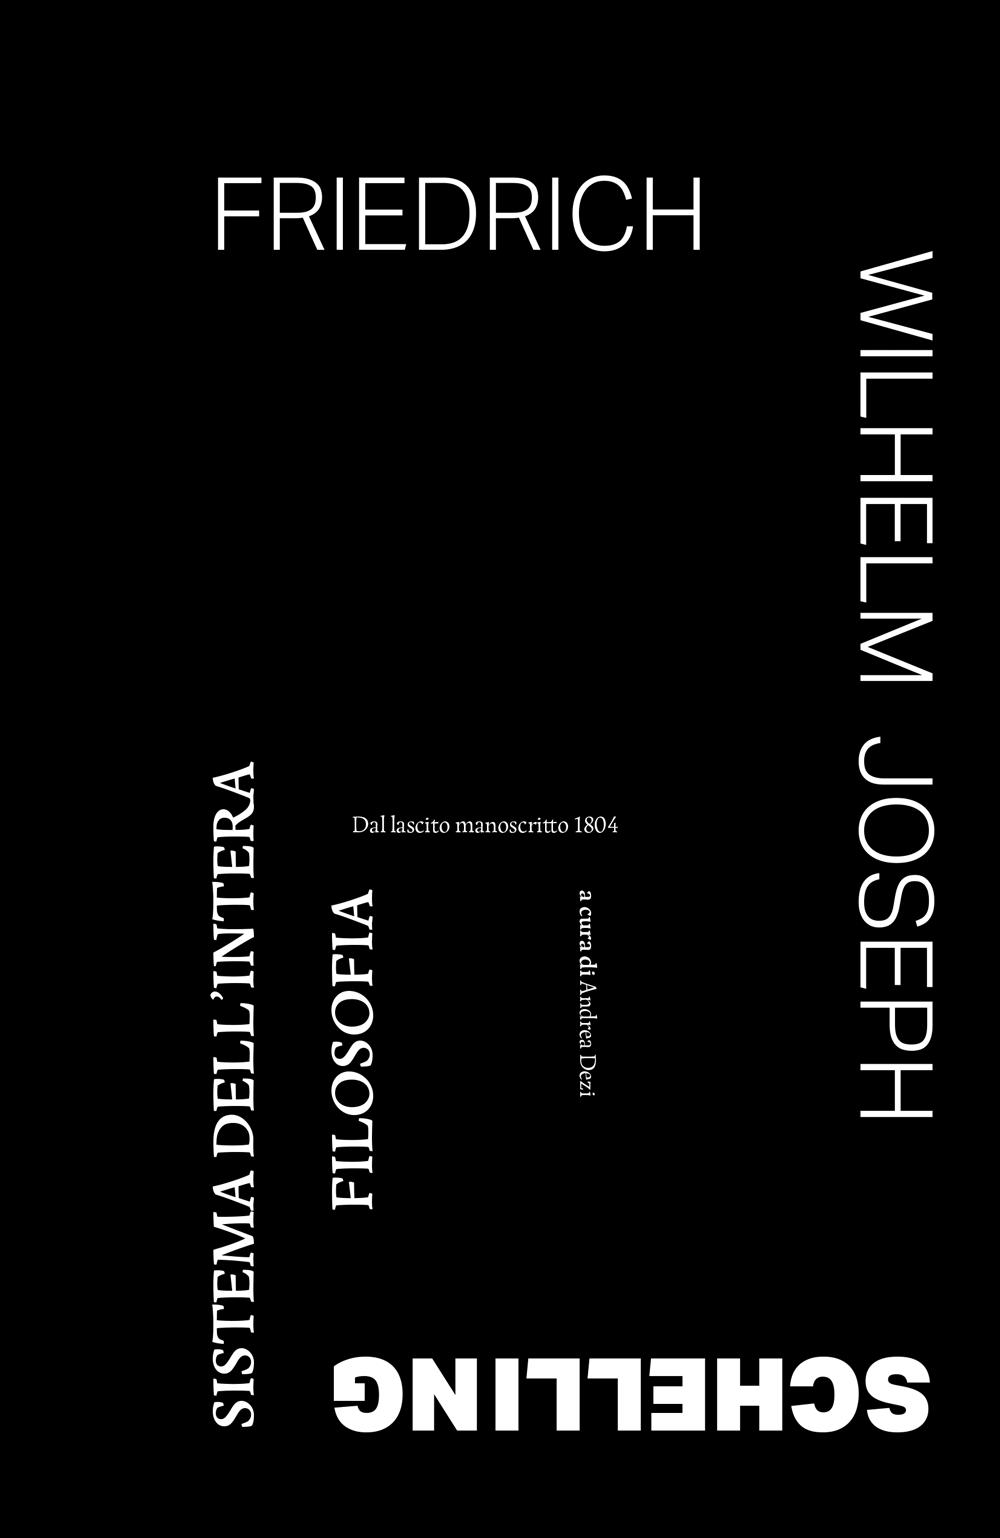 Mise en page du livre System der gesammten Philosophie écrit par F.W.J. Schelling